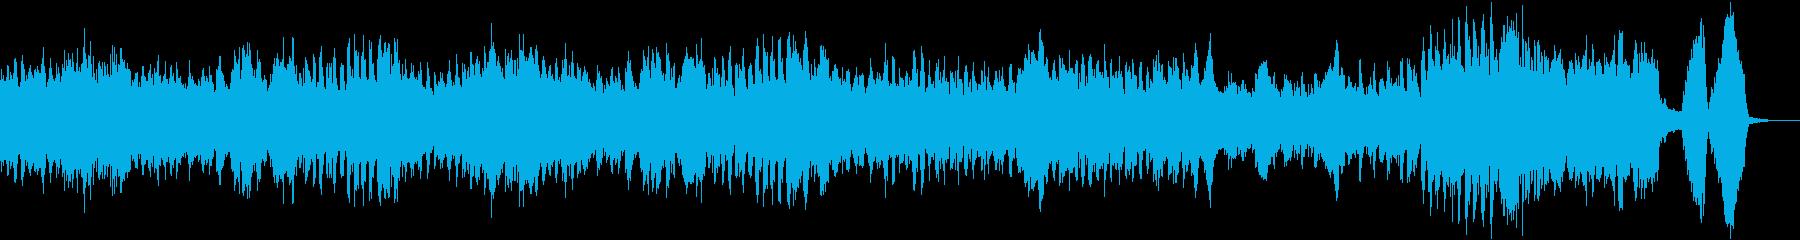 クープランの墓「前奏曲」/ラヴェルの再生済みの波形